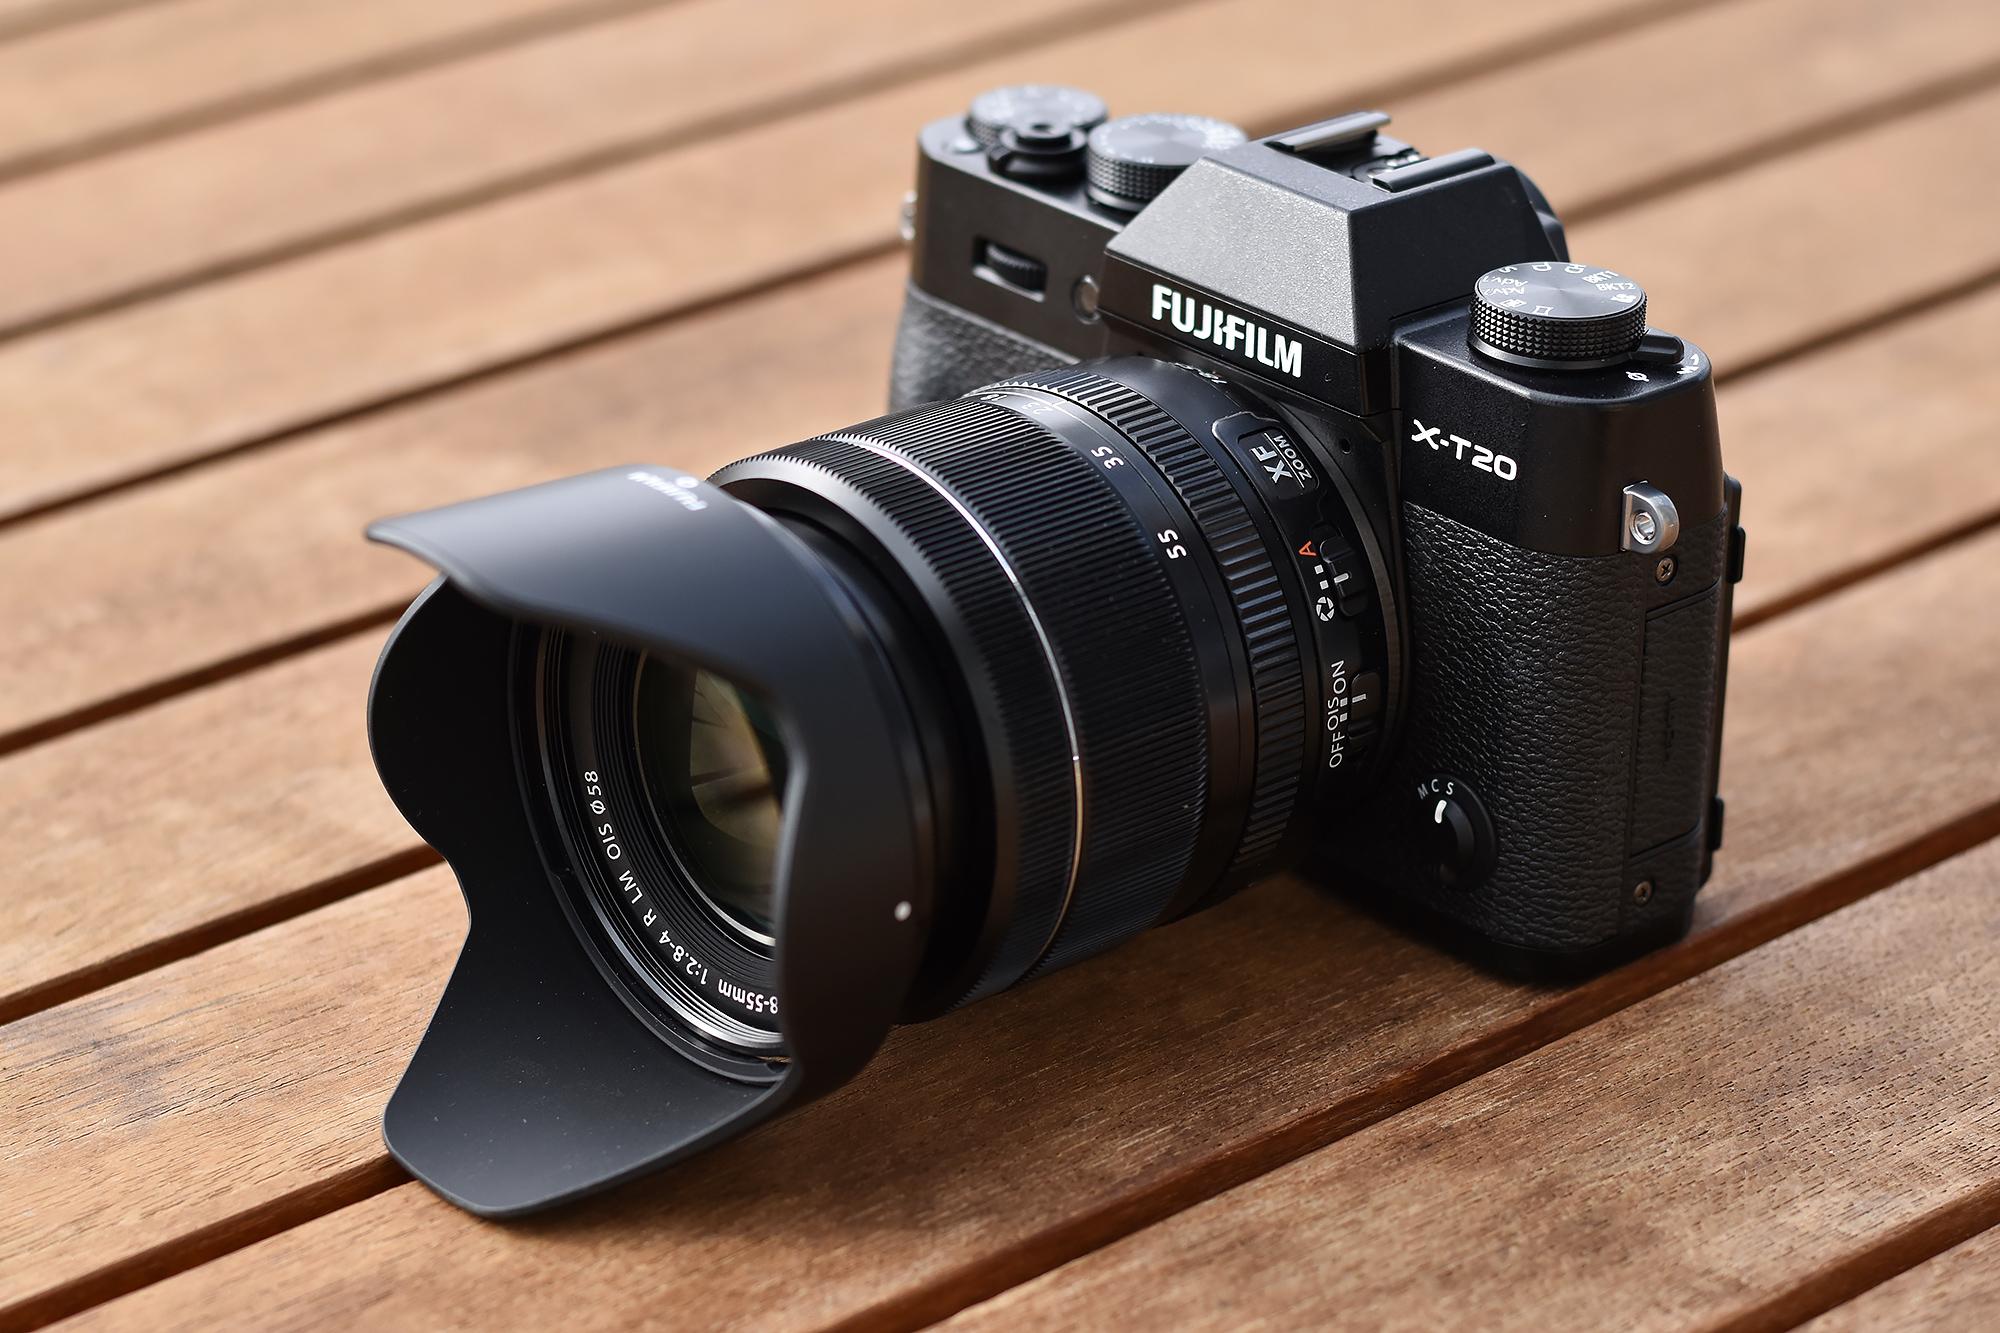 Fujifilm X T20 Erster Eindruck Und Beispielbilder Fotoespresso E3 Kit Xf 18 55mm F 28 4 R Lm Ois Silver